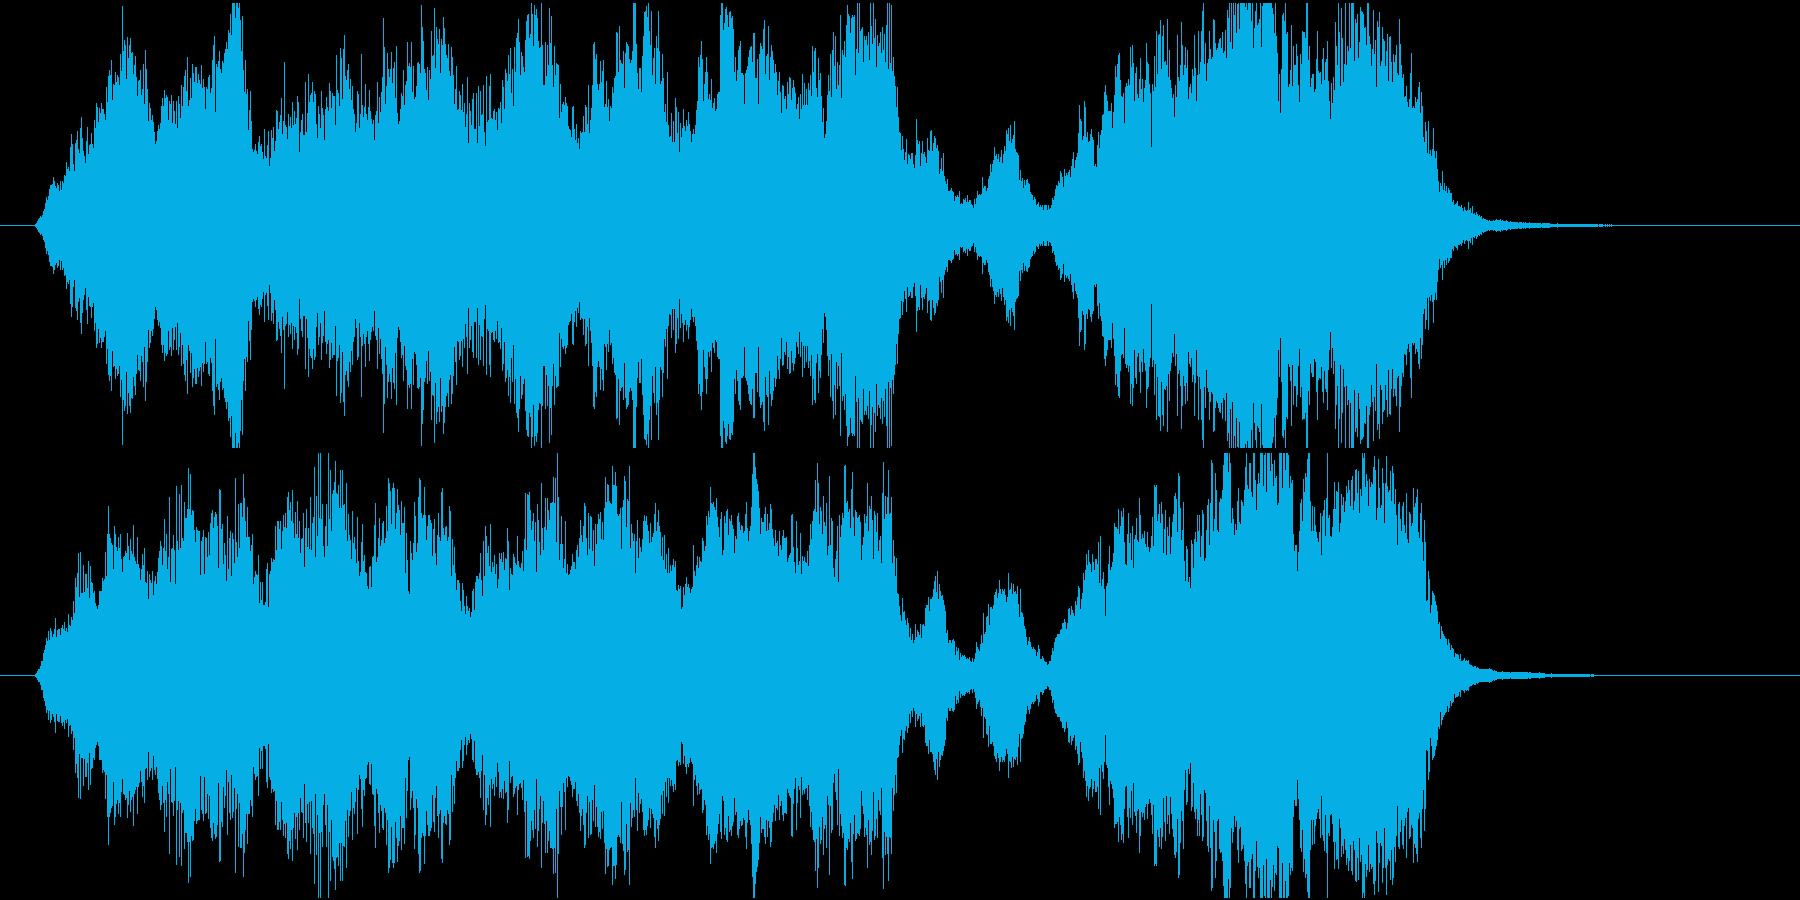 15秒CMサイズの17 癒しの弦楽四重奏の再生済みの波形